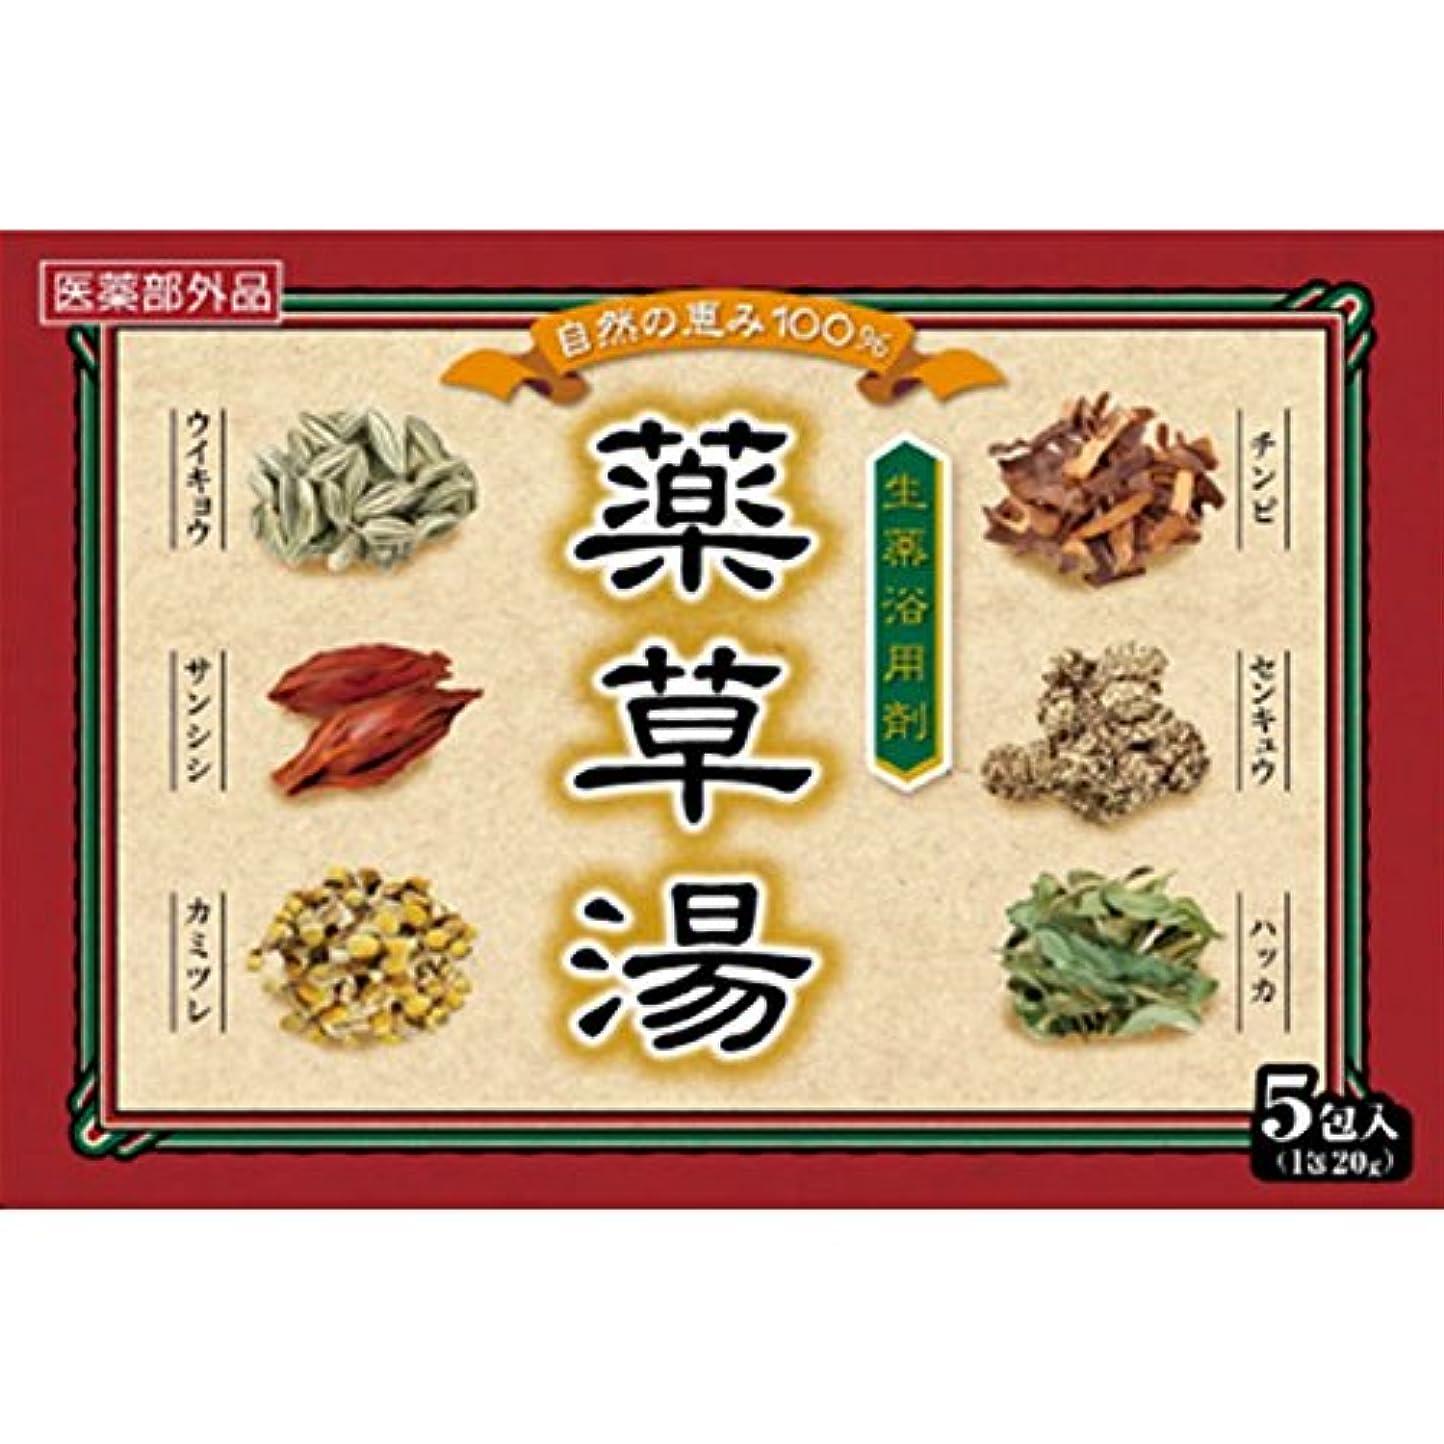 作り芝生貝殻生薬浴用剤 薬草湯5包×4